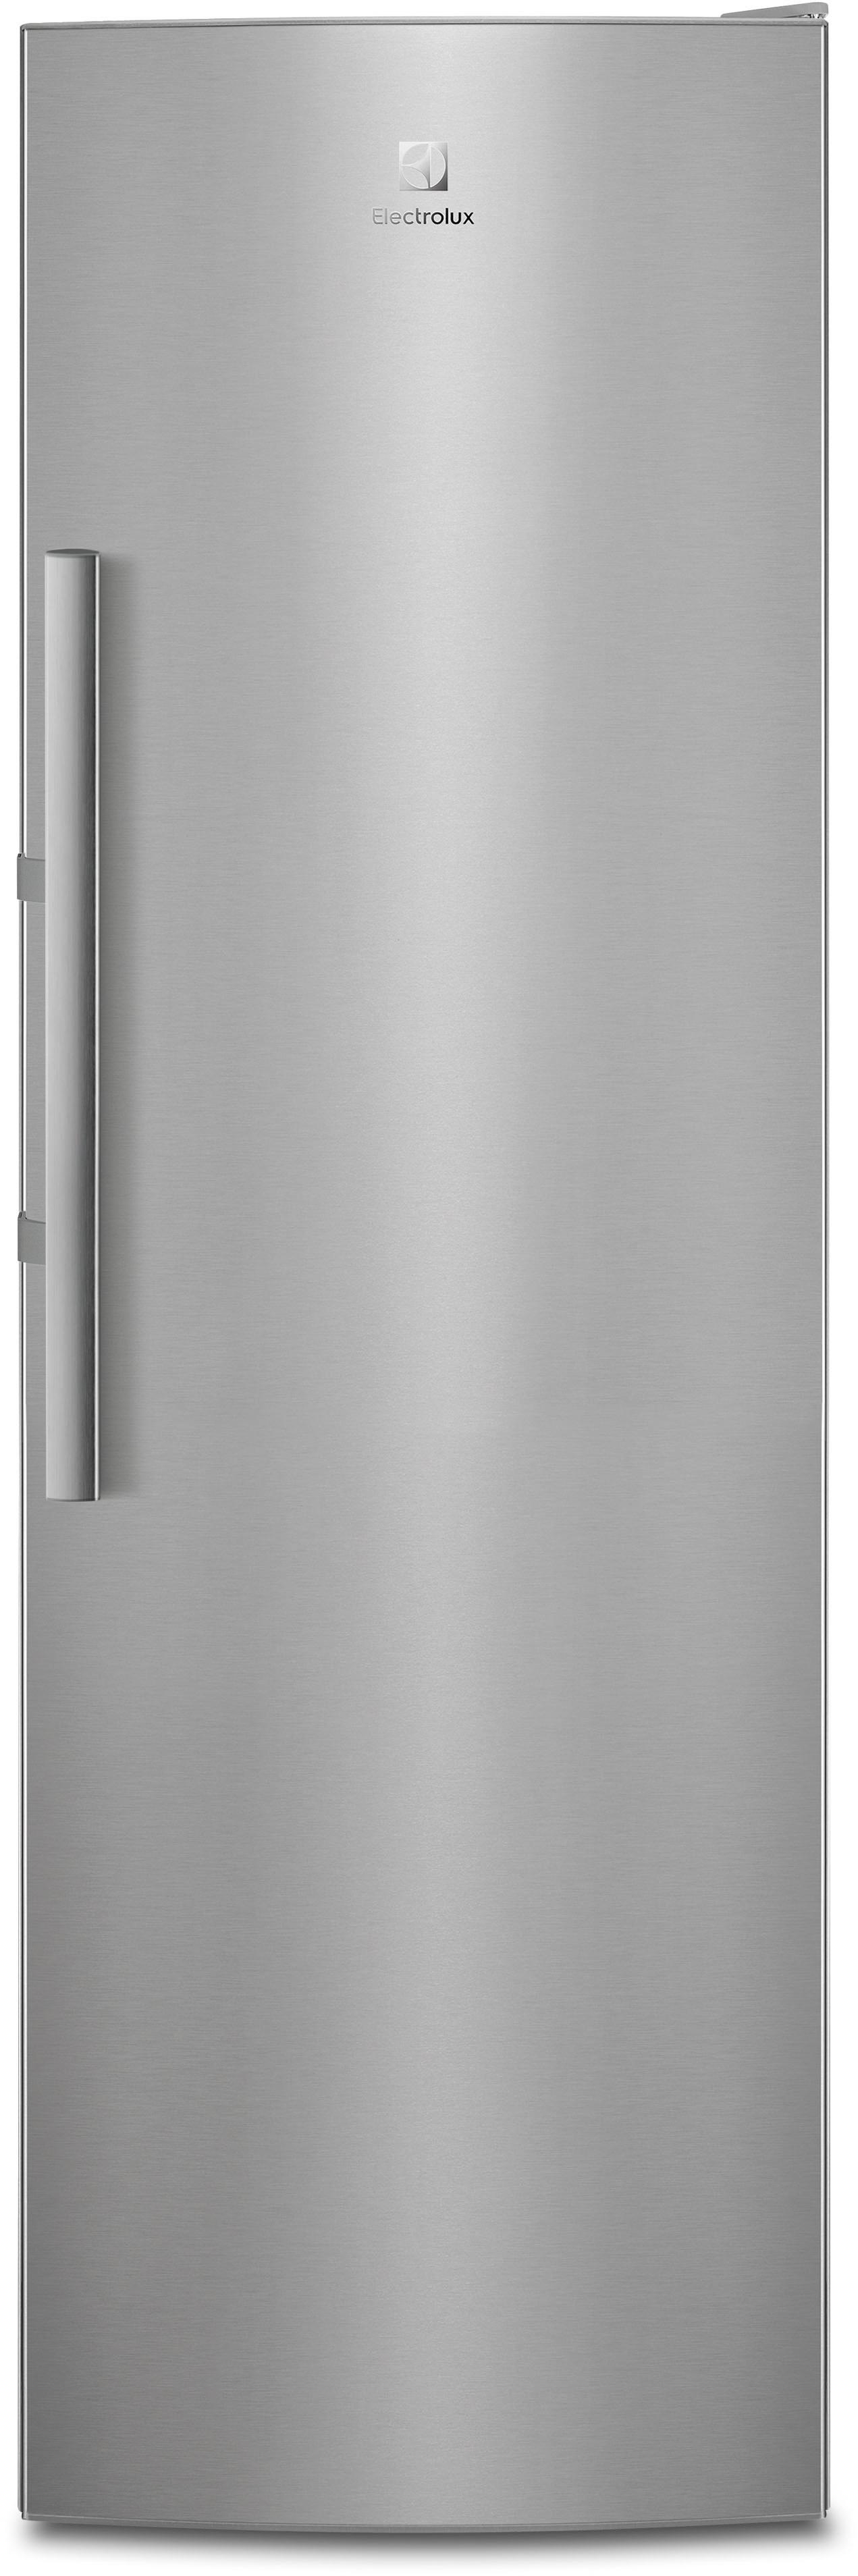 R frig rateur electrolux ere3976mfx pas cher - Refrigerateur electrolux 1 porte ...